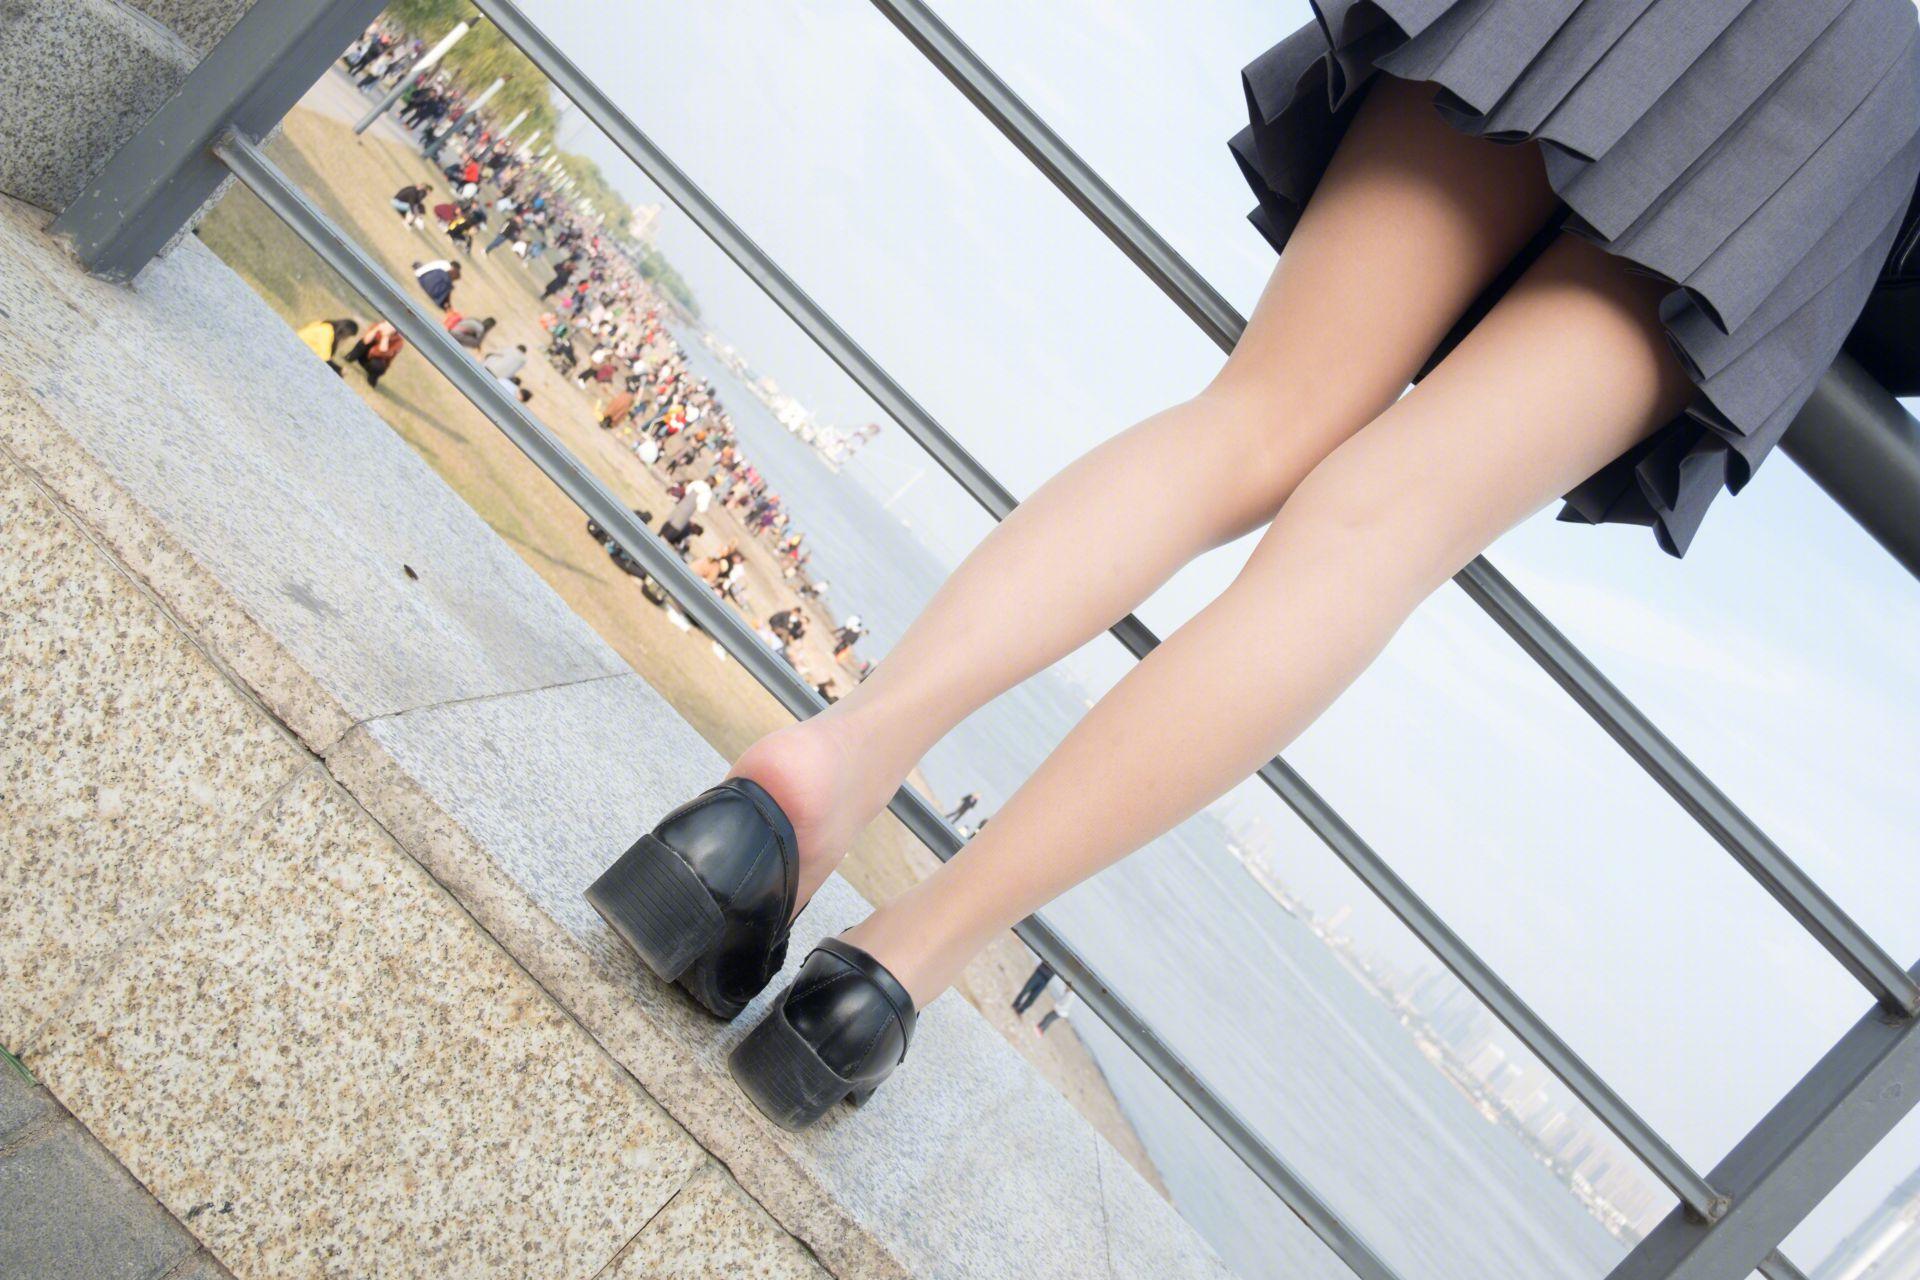 【森萝财团】森萝财团写真 - BETA-009 日系肉丝小妹 [44P-271MB] BETA系列 第3张